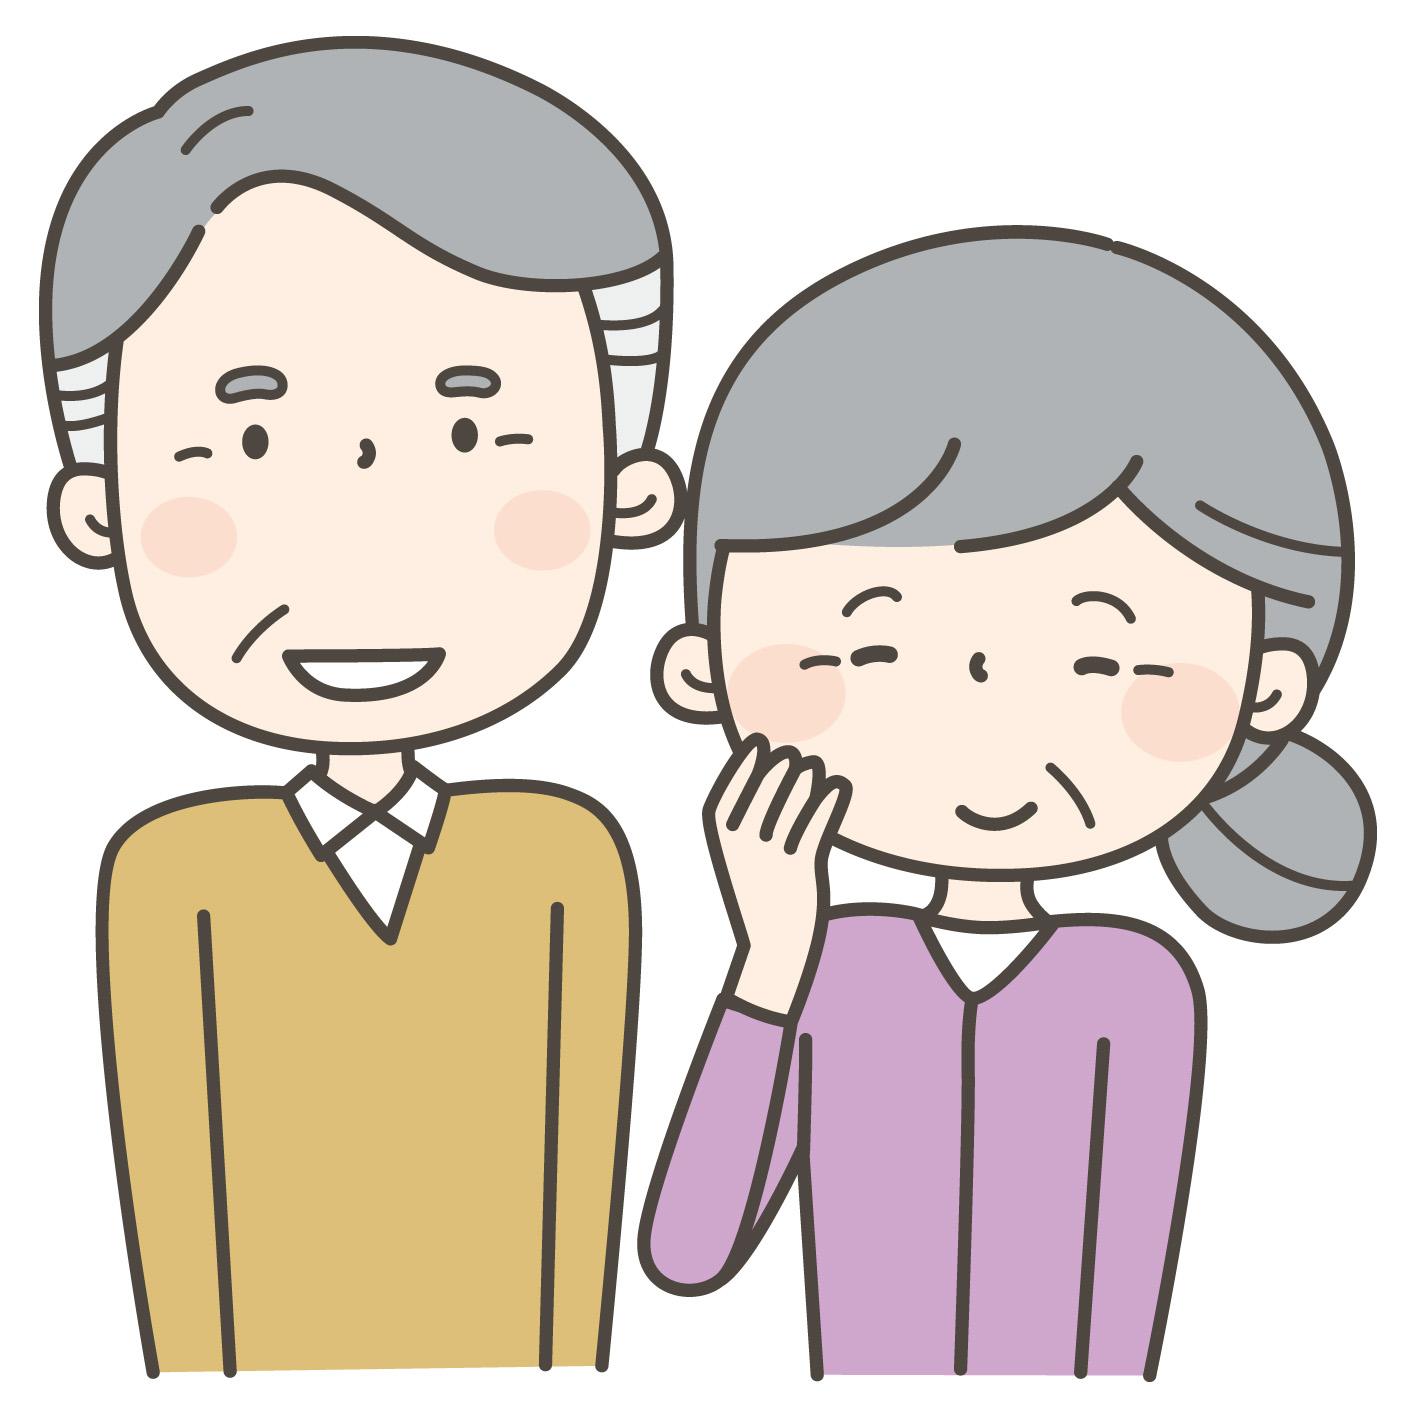 健康寿命、日本は世界一。将来元気で長生きするために今何をしたらいいの?